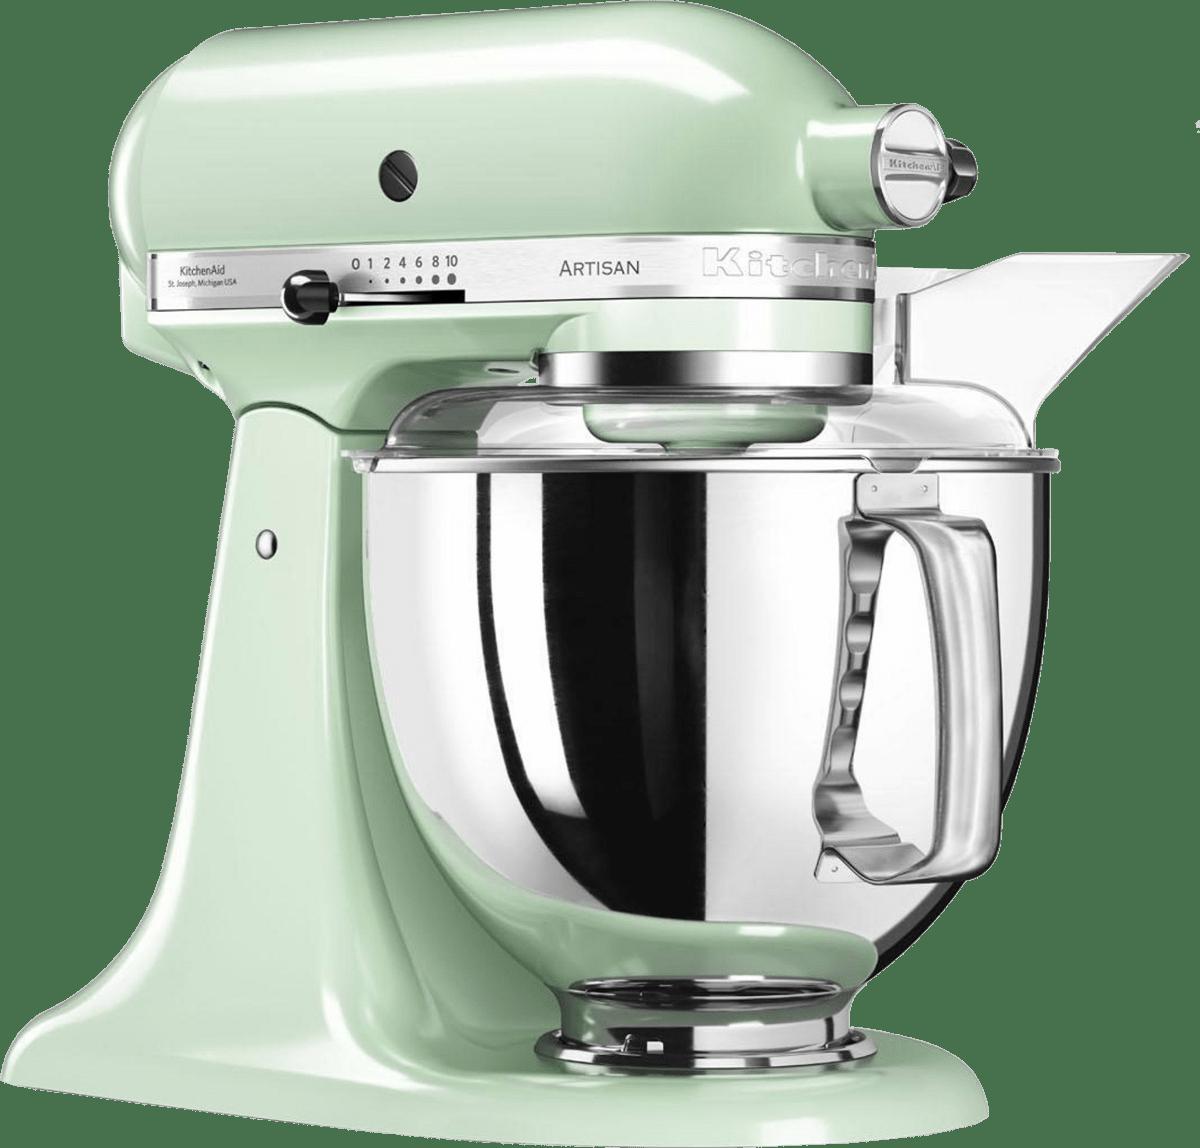 Aldi Küchenmaschine 2017   Lidl Online Küchenmaschine Mit Kochfunktion